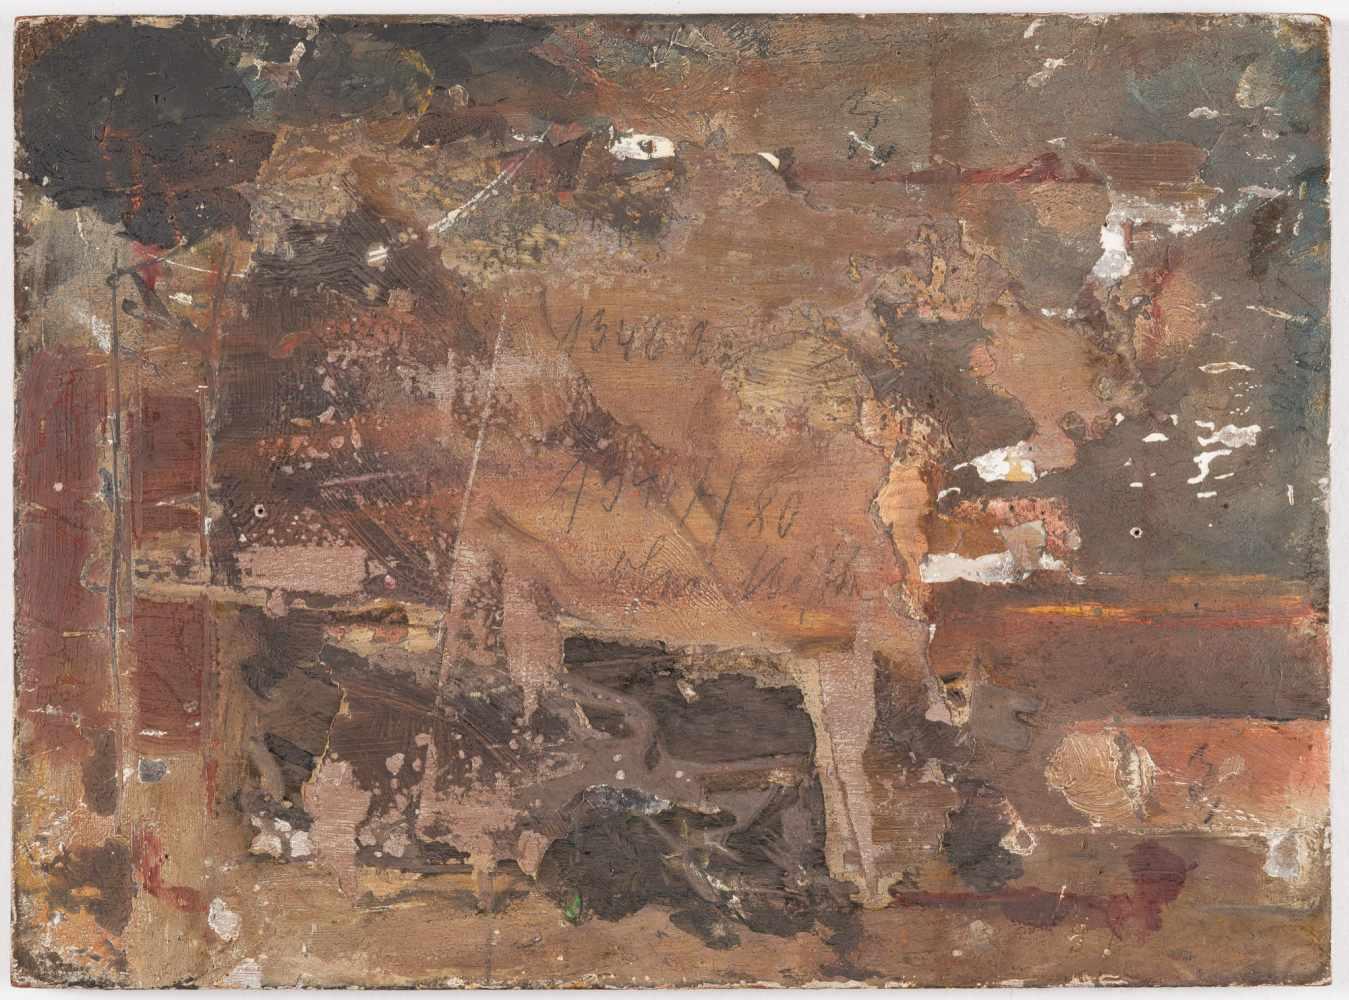 Lot 57 - Friedrich Ernst Wolfrom1857 Magdeburg – Berlin 1923Der PfauÖl auf Holz. 1916. 17,8 x 24 cm. Signiert